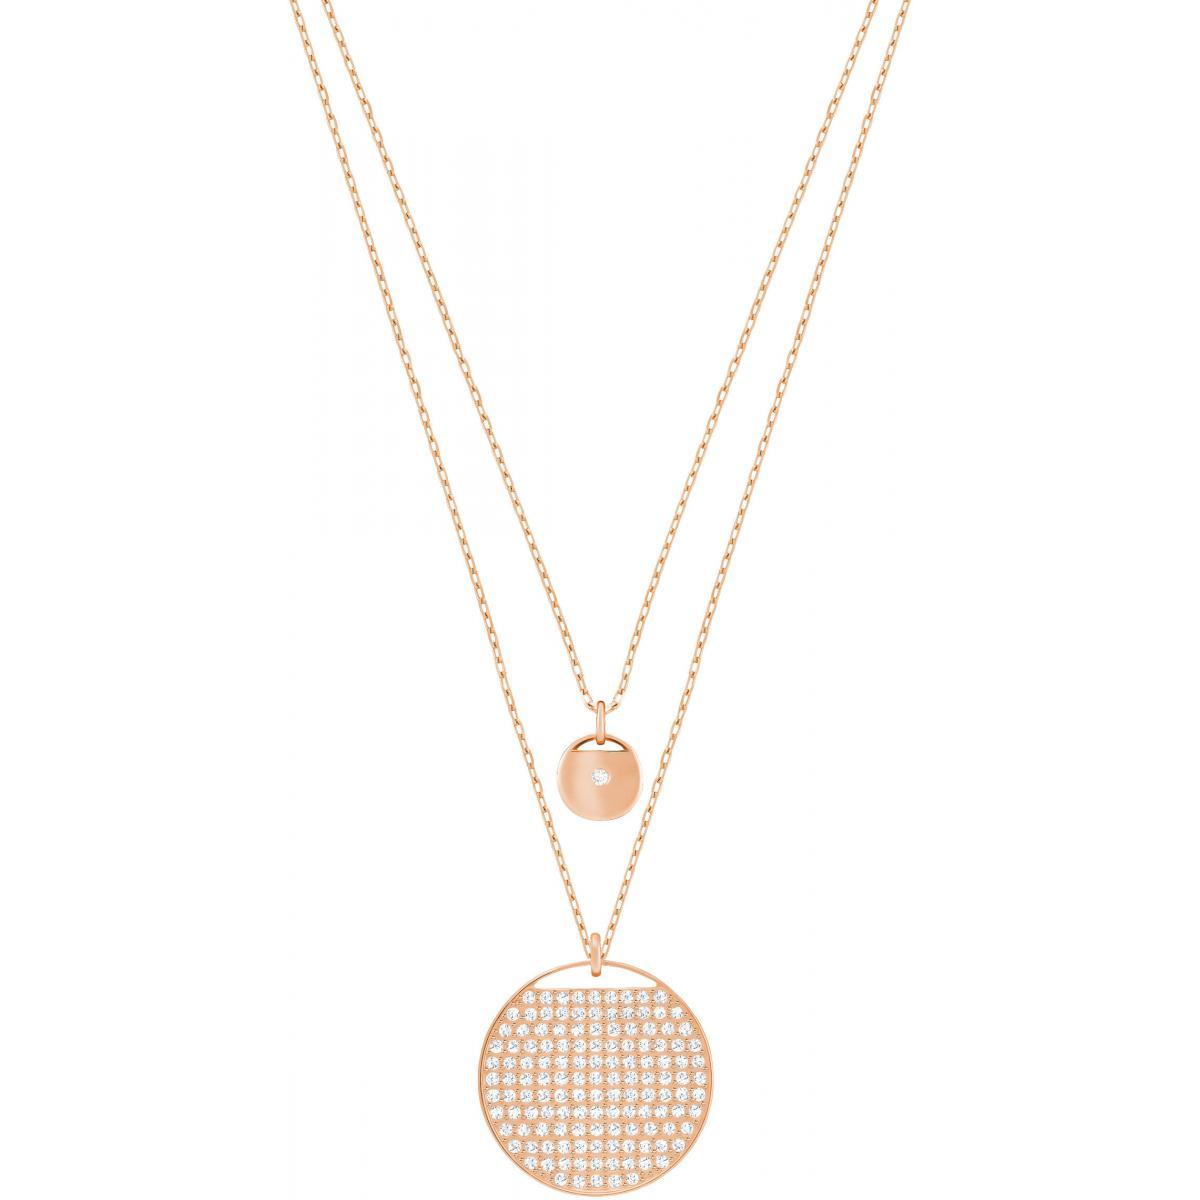 Collier et pendentif Swarovski 5253286 , Collier et pendentif Cristaux  Cercle Femme Plus d\u0027infos